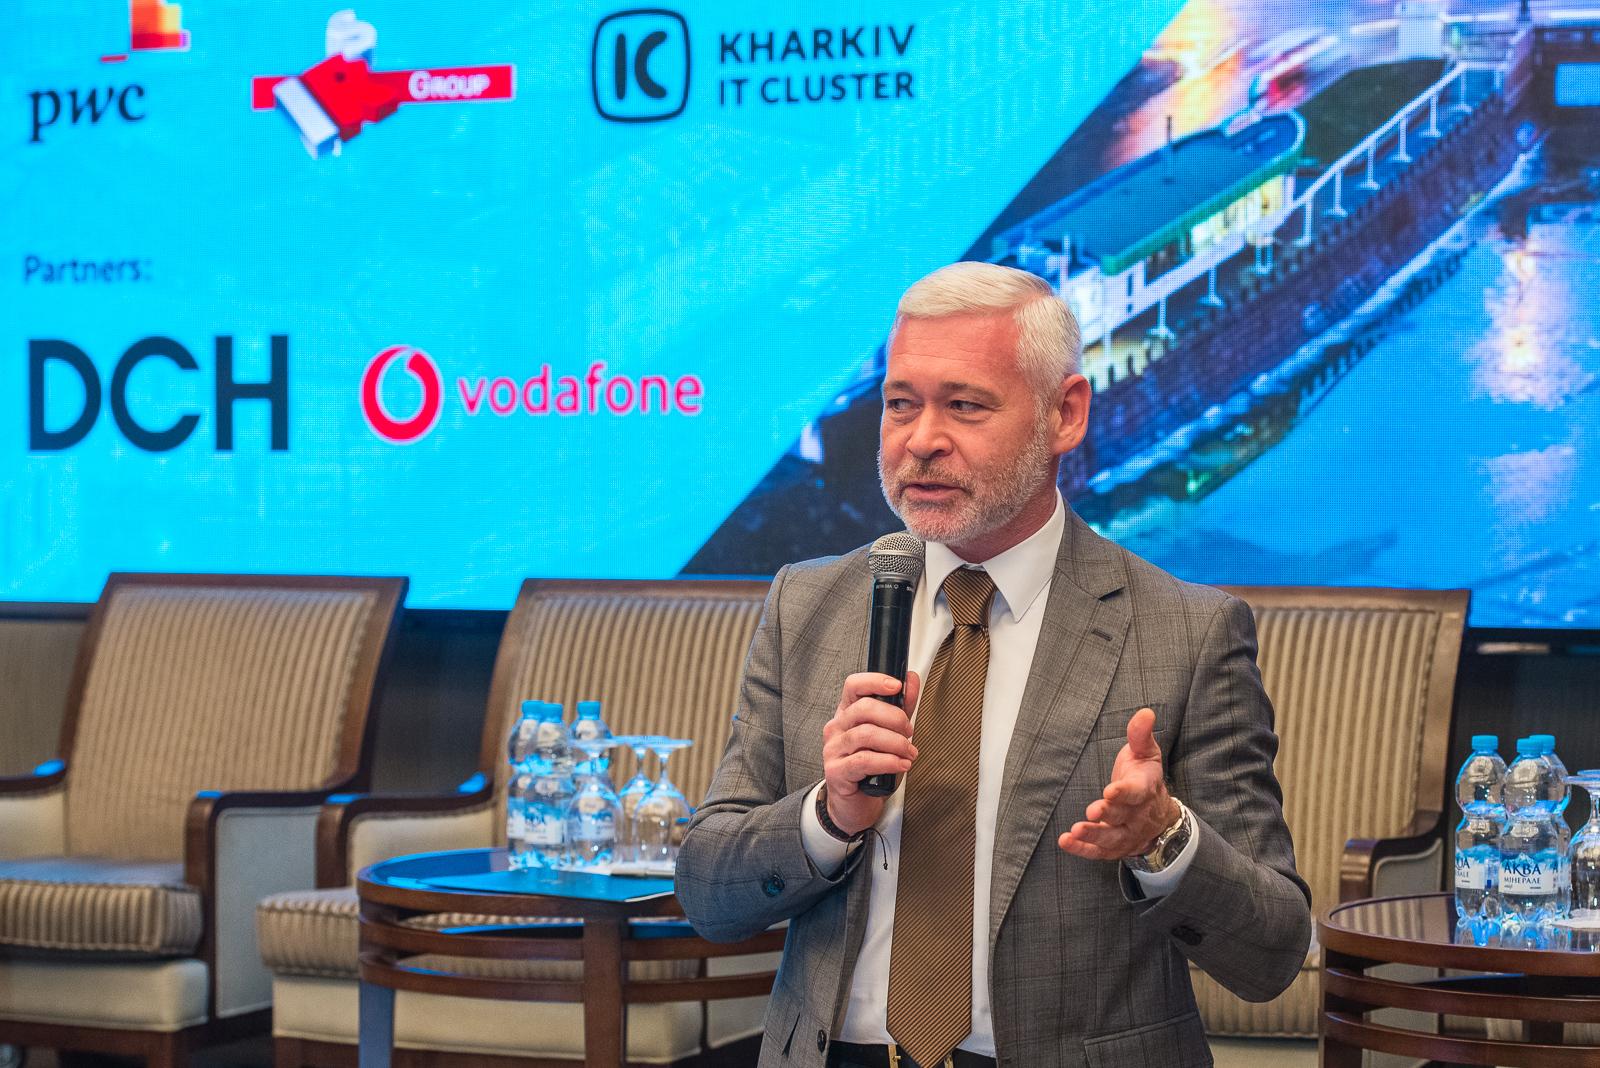 DSC_2501 KHARKIV IT-RESEARCH: 25 000 IT-фахівців, більш ніж 450 компаній у галузі та 5 млрд гривень податків до бюджету України